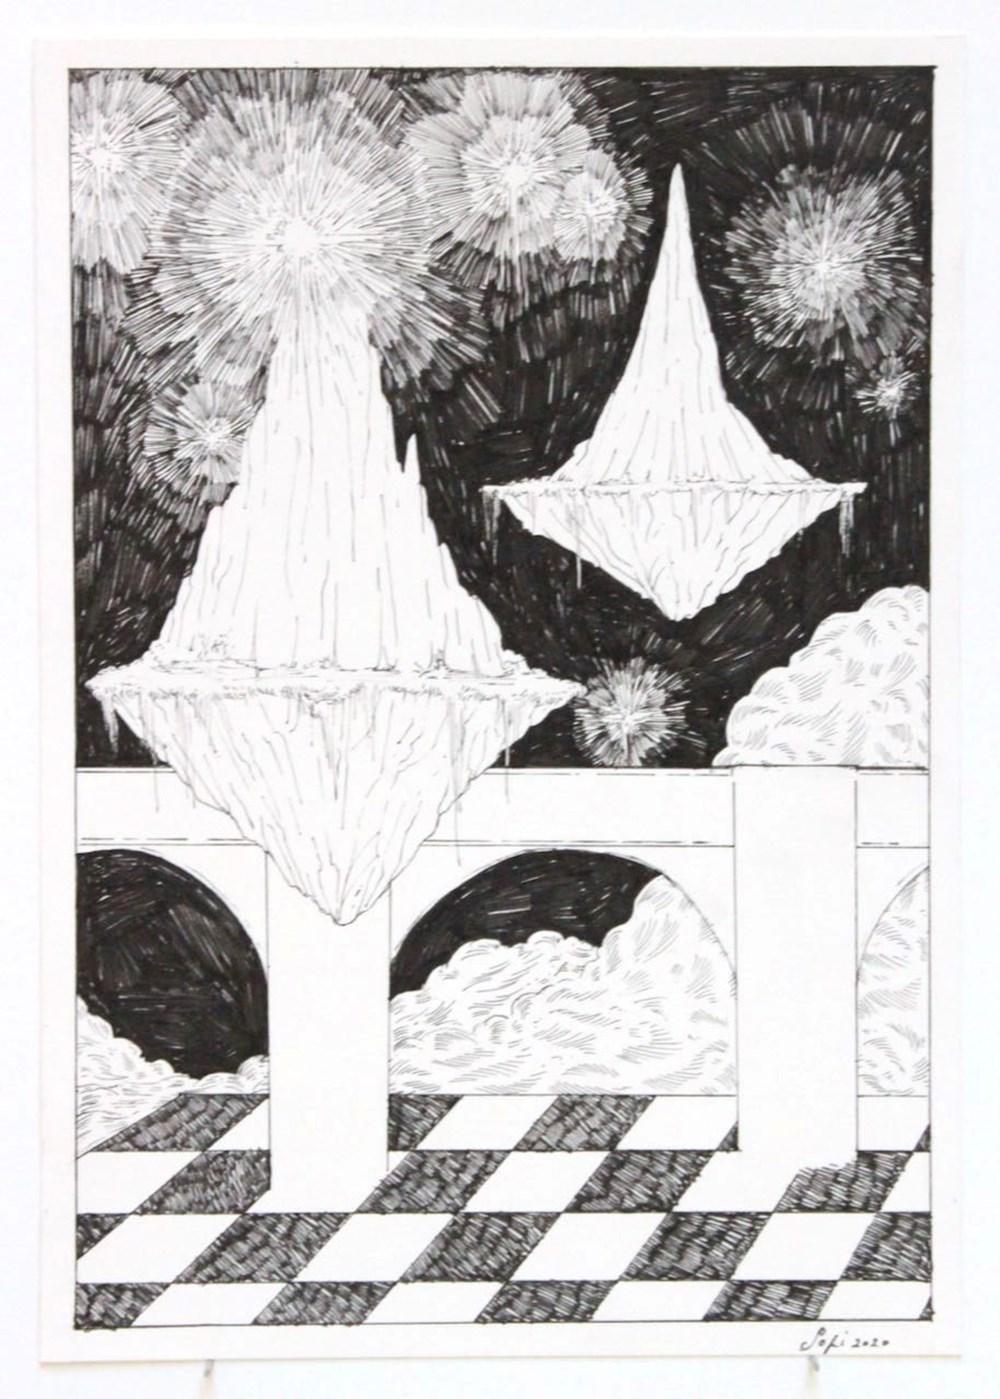 Life on Venus | The Landscape, Live Auction - Lot 11, Sophia SofianouSophia Sofianou, Life on Venus